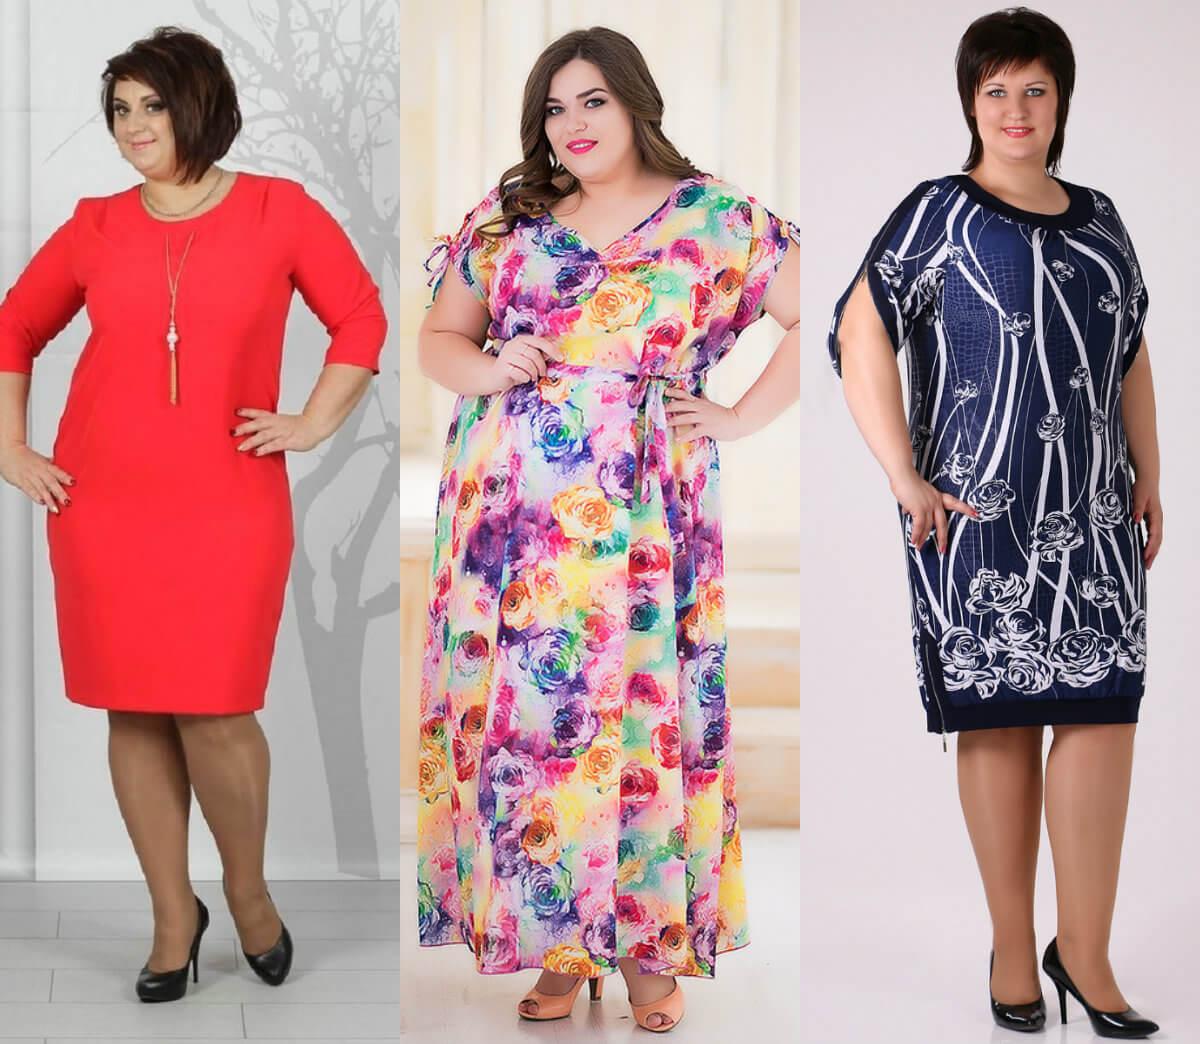 Мода для женщин полных невысокого роста в 50 лет фото